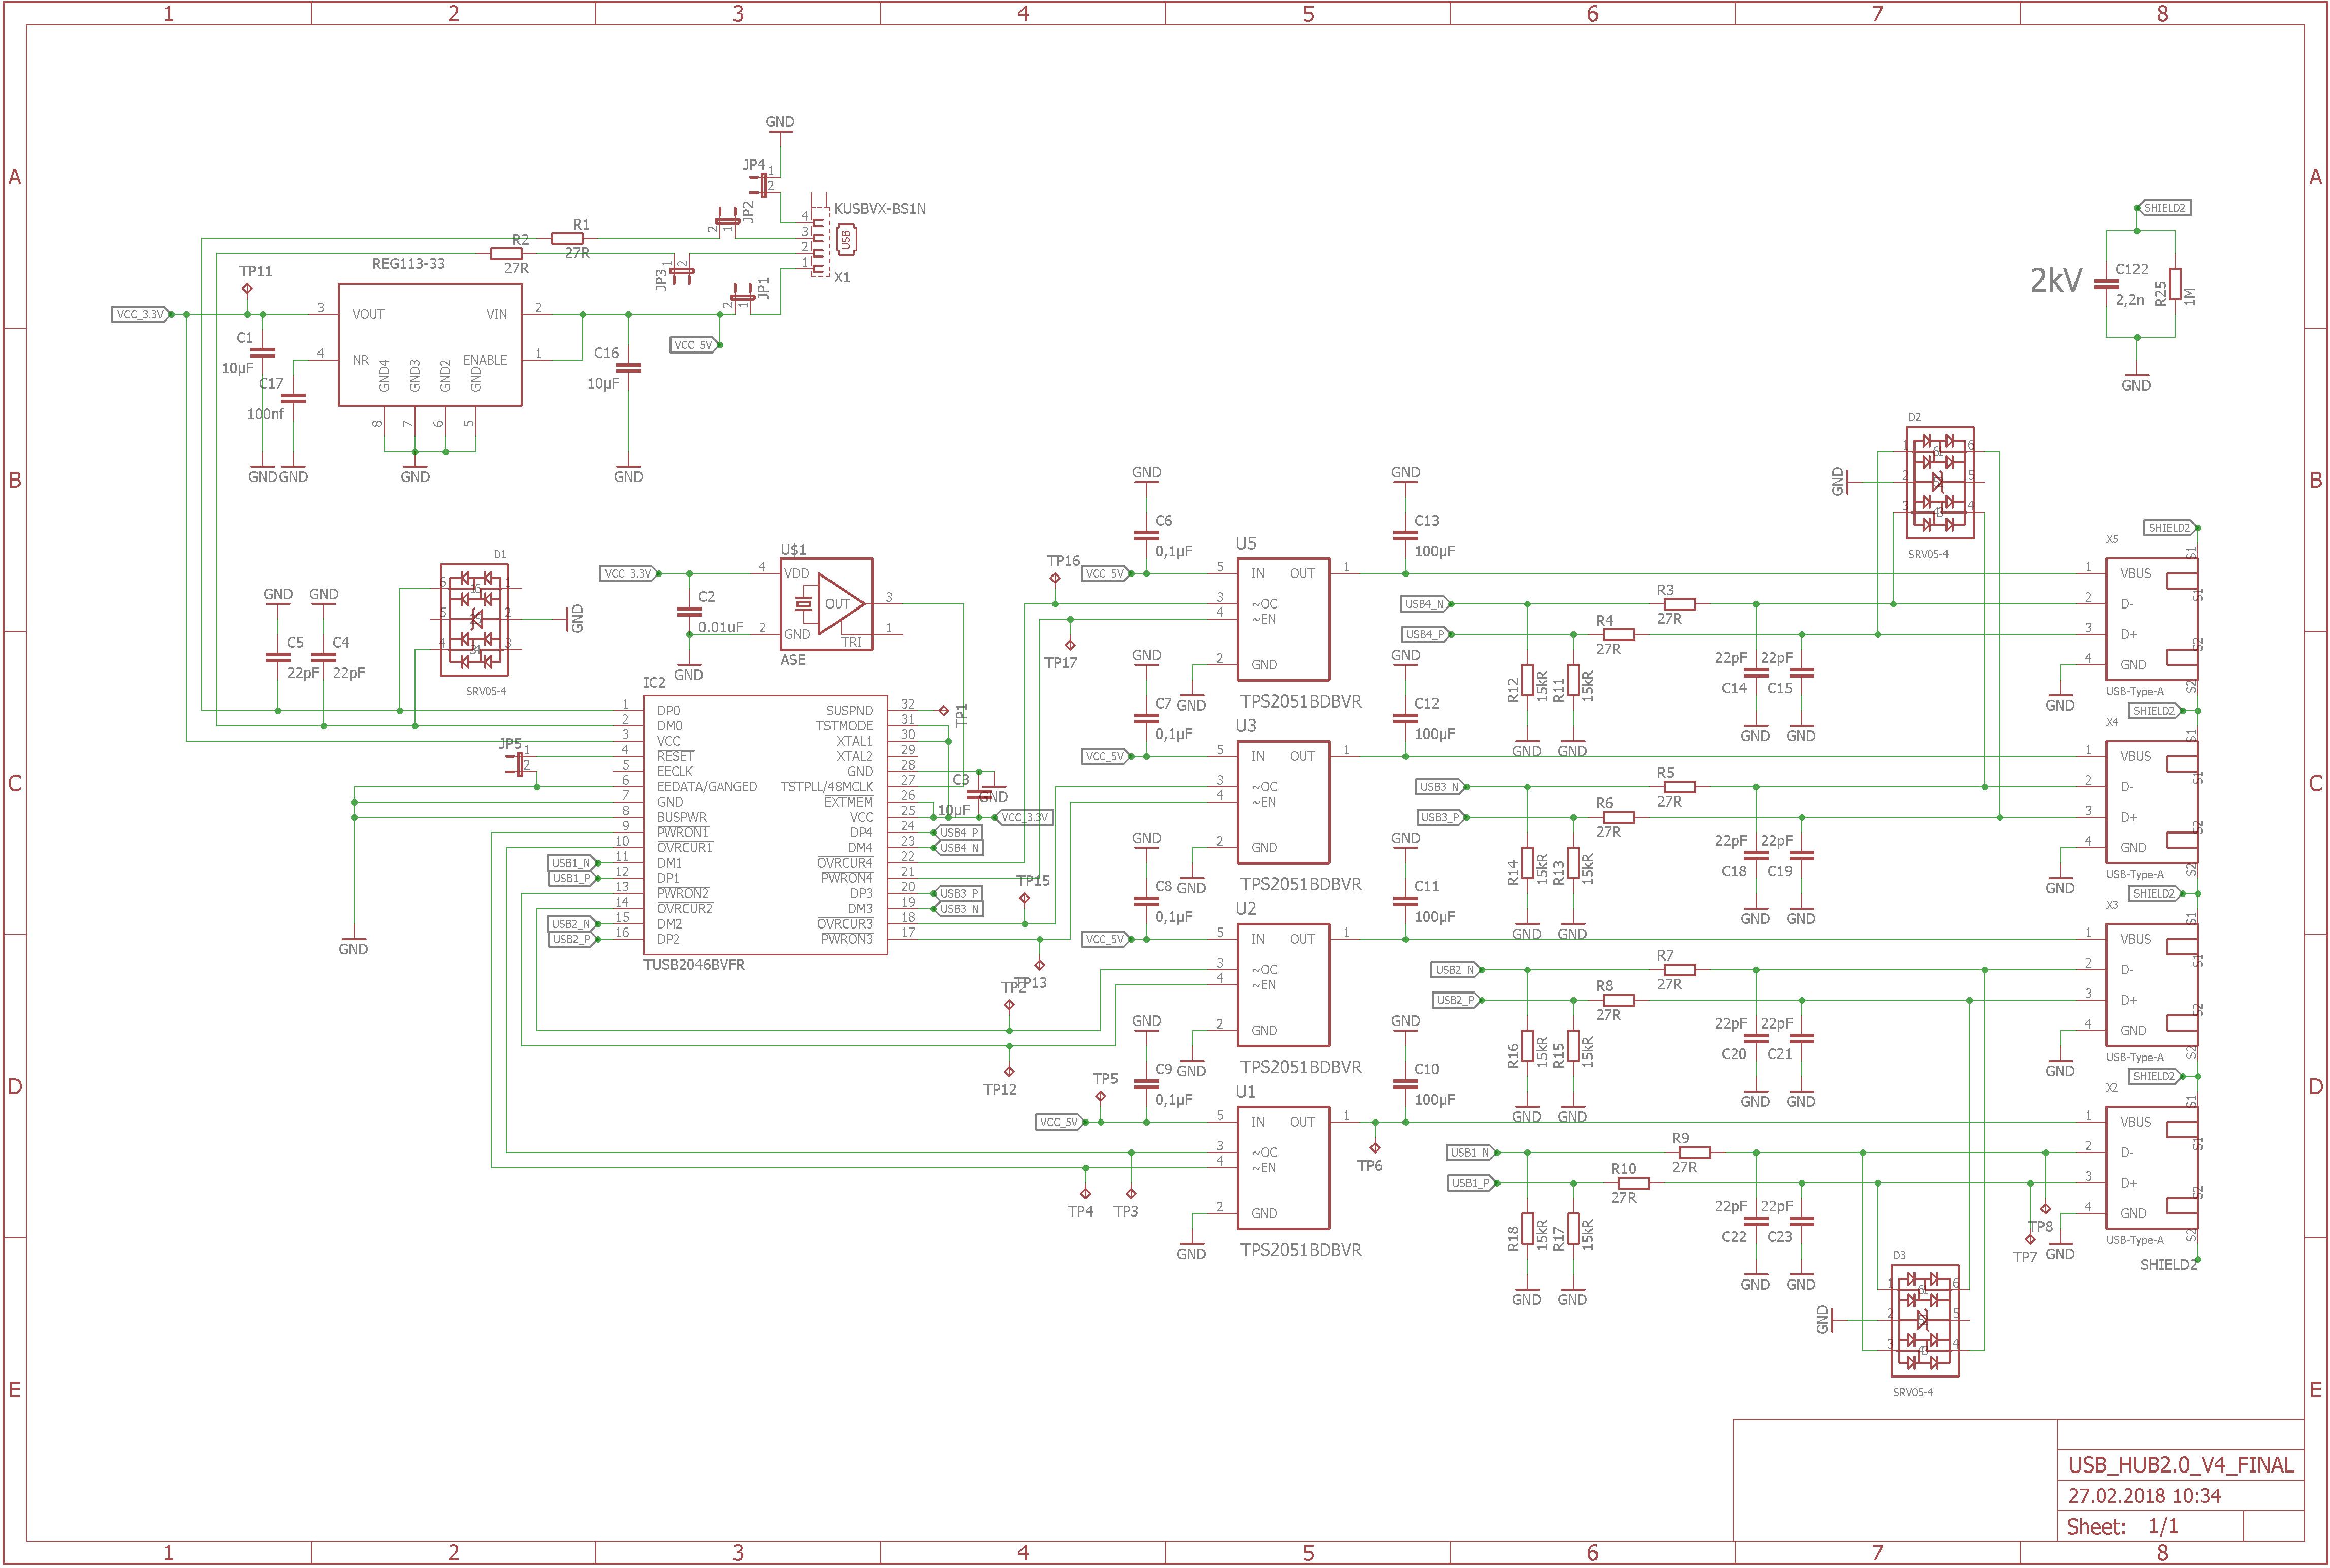 Großartig Usb Zu Ps2 Schaltplan Galerie - Elektrische Schaltplan ...